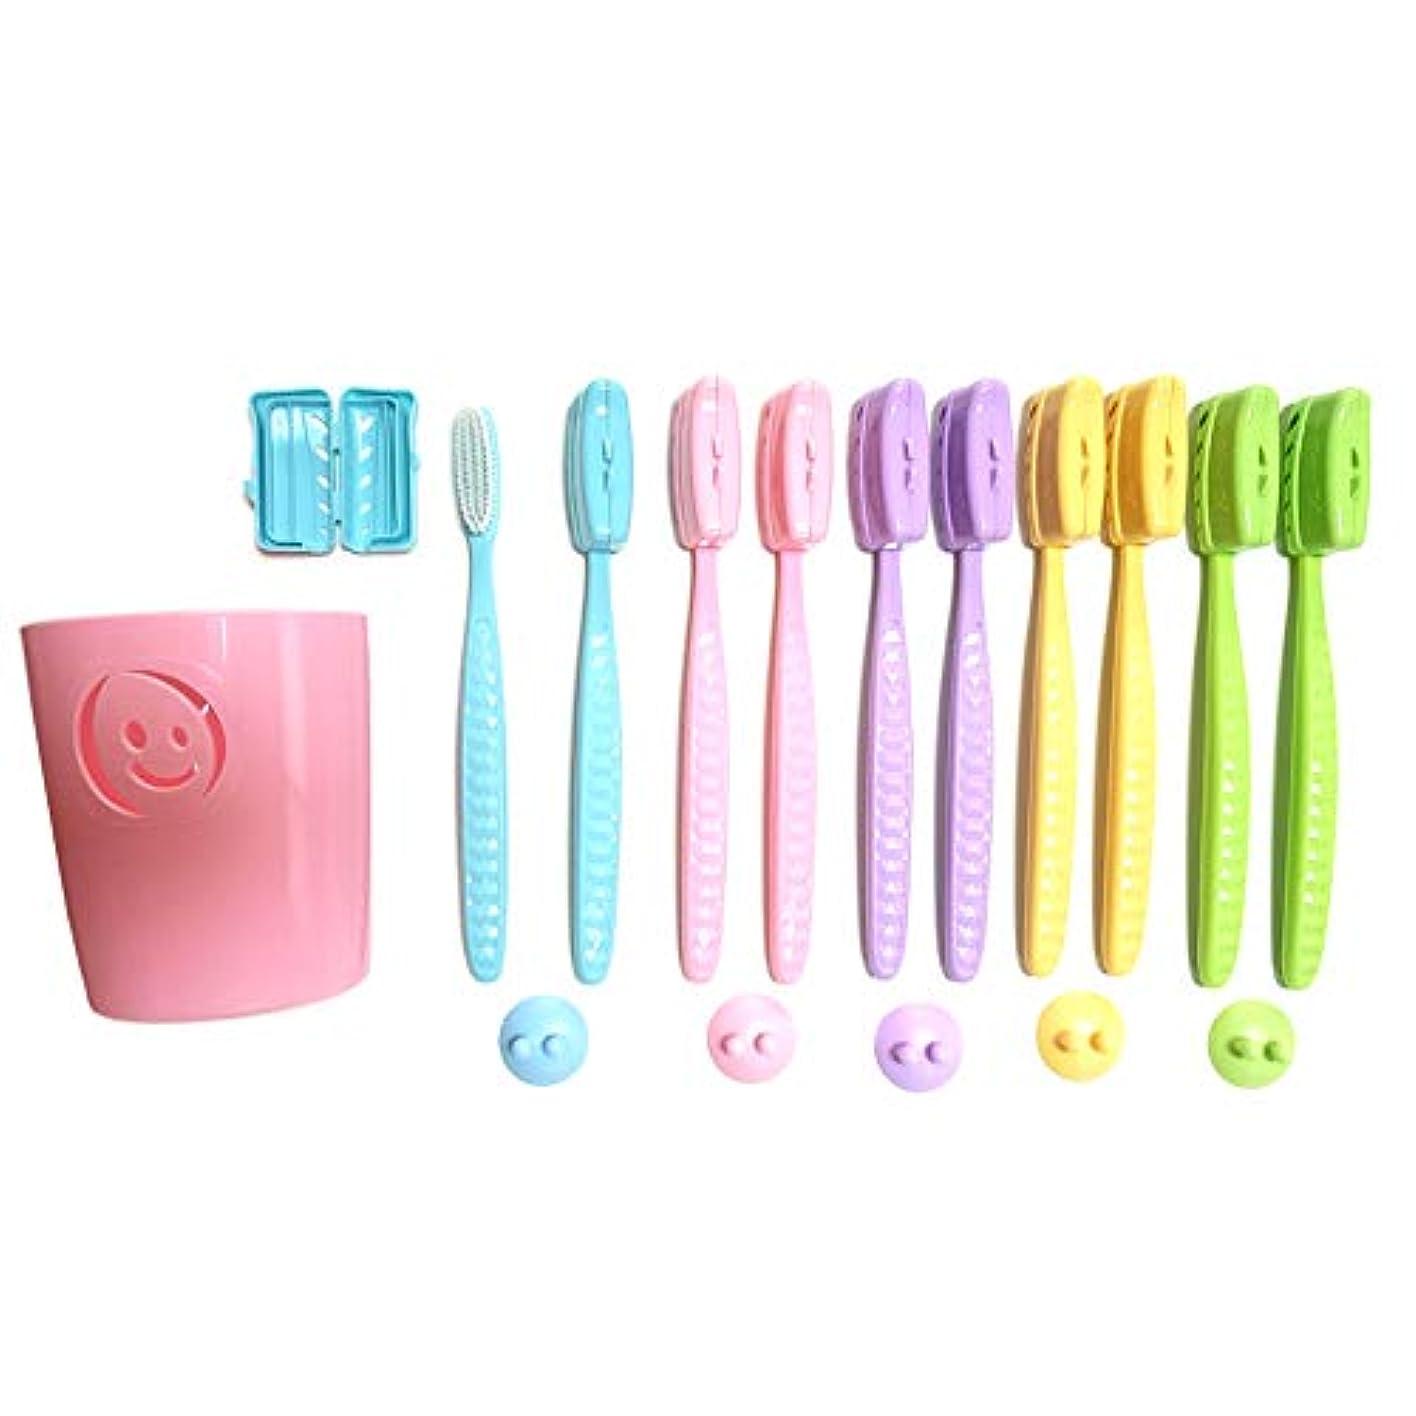 スキップイソギンチャク動プレミアムケア ハブラシ 大きいヘッド ジャンボ 超やわらかめ 歯ブラシ セット / ハブラシ10本 + ハブラシカバー10本 + 壁掛けホルダー5本 + カップ1本 Toothbrush Set [並行輸入品]